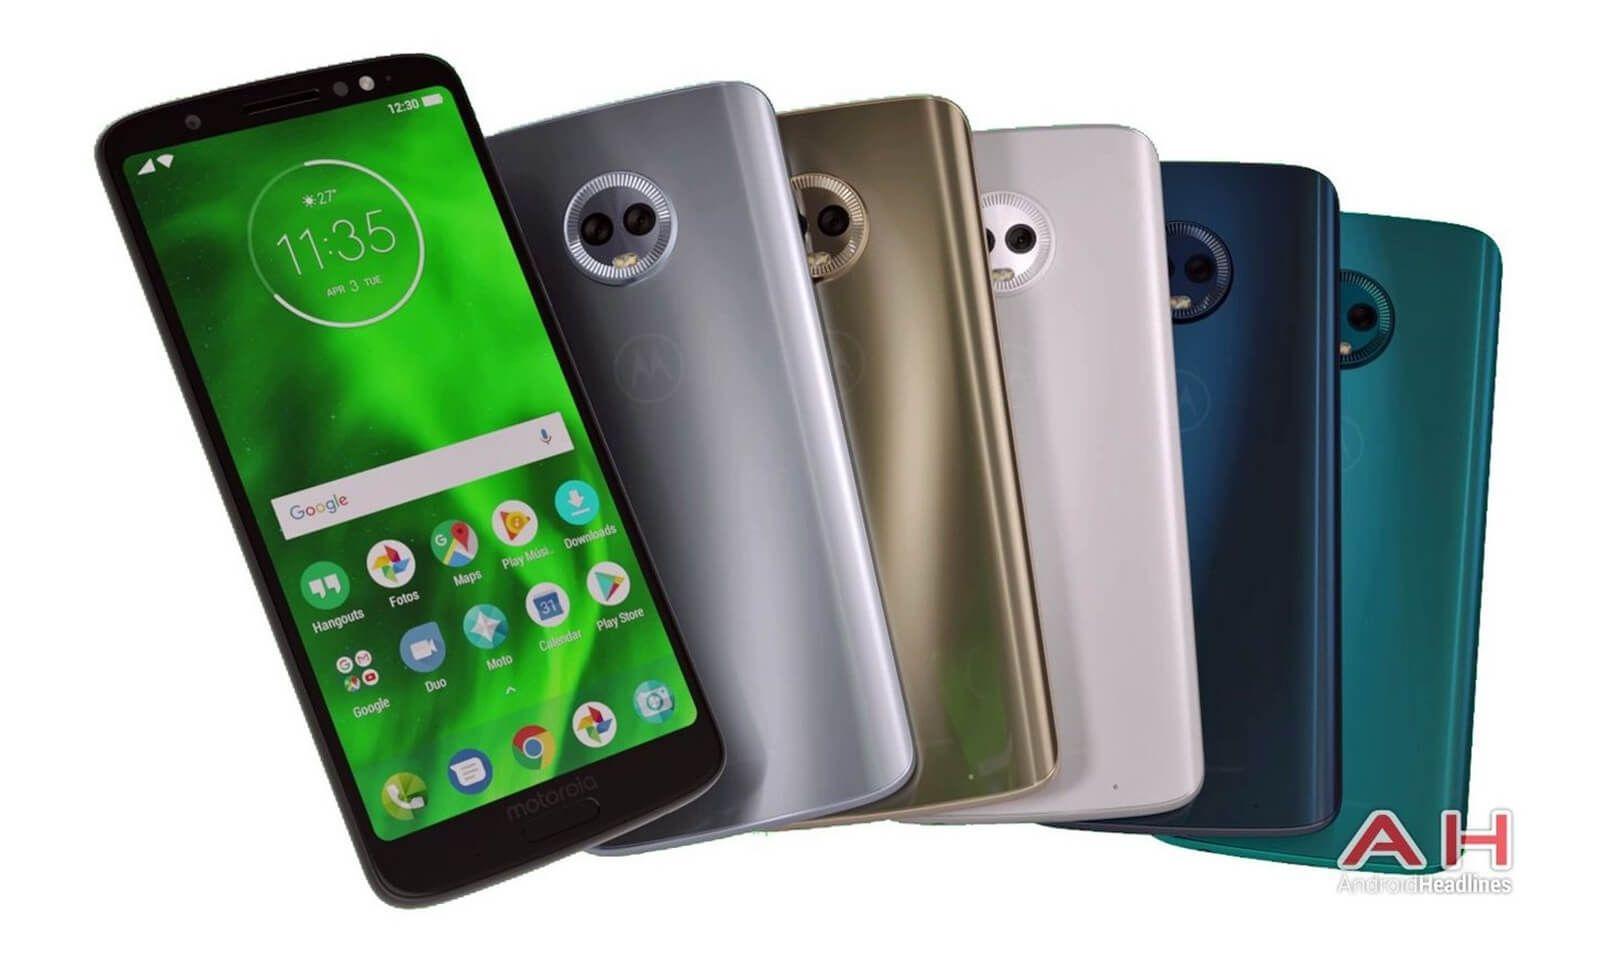 Moto G6 Serisi Mayis Ayinda Geliyor Haberler Telefonlar Iphone Ve Teknoloji